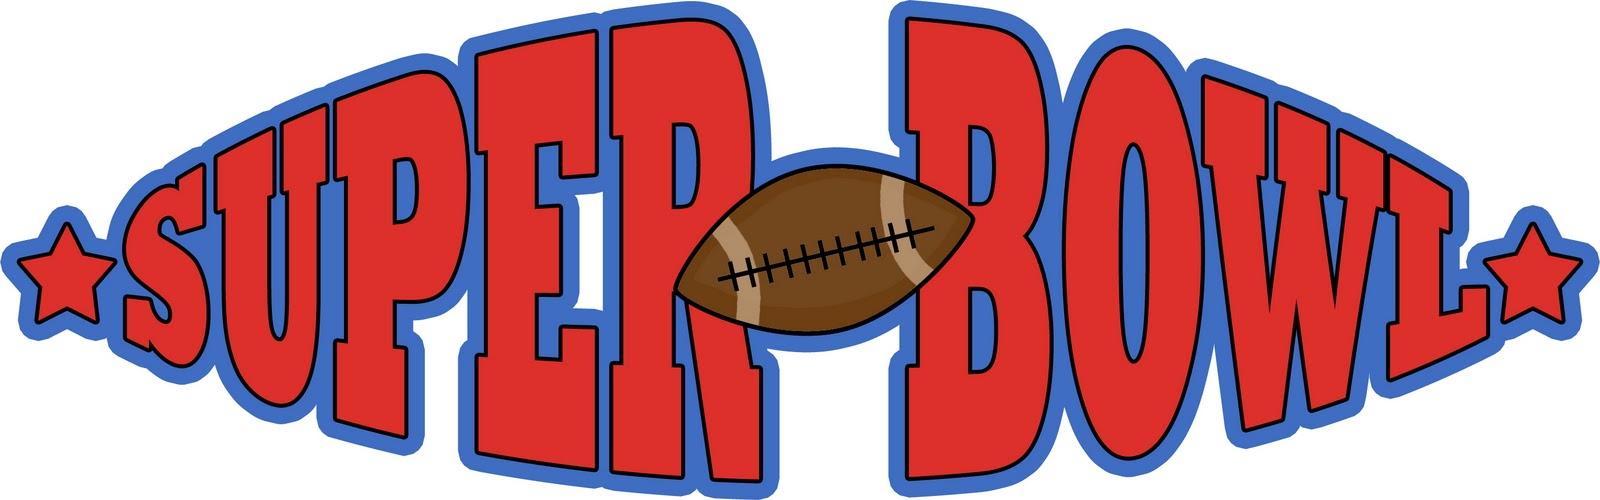 ... Clipart Super Bowl Footba - Super Bowl Clip Art Free